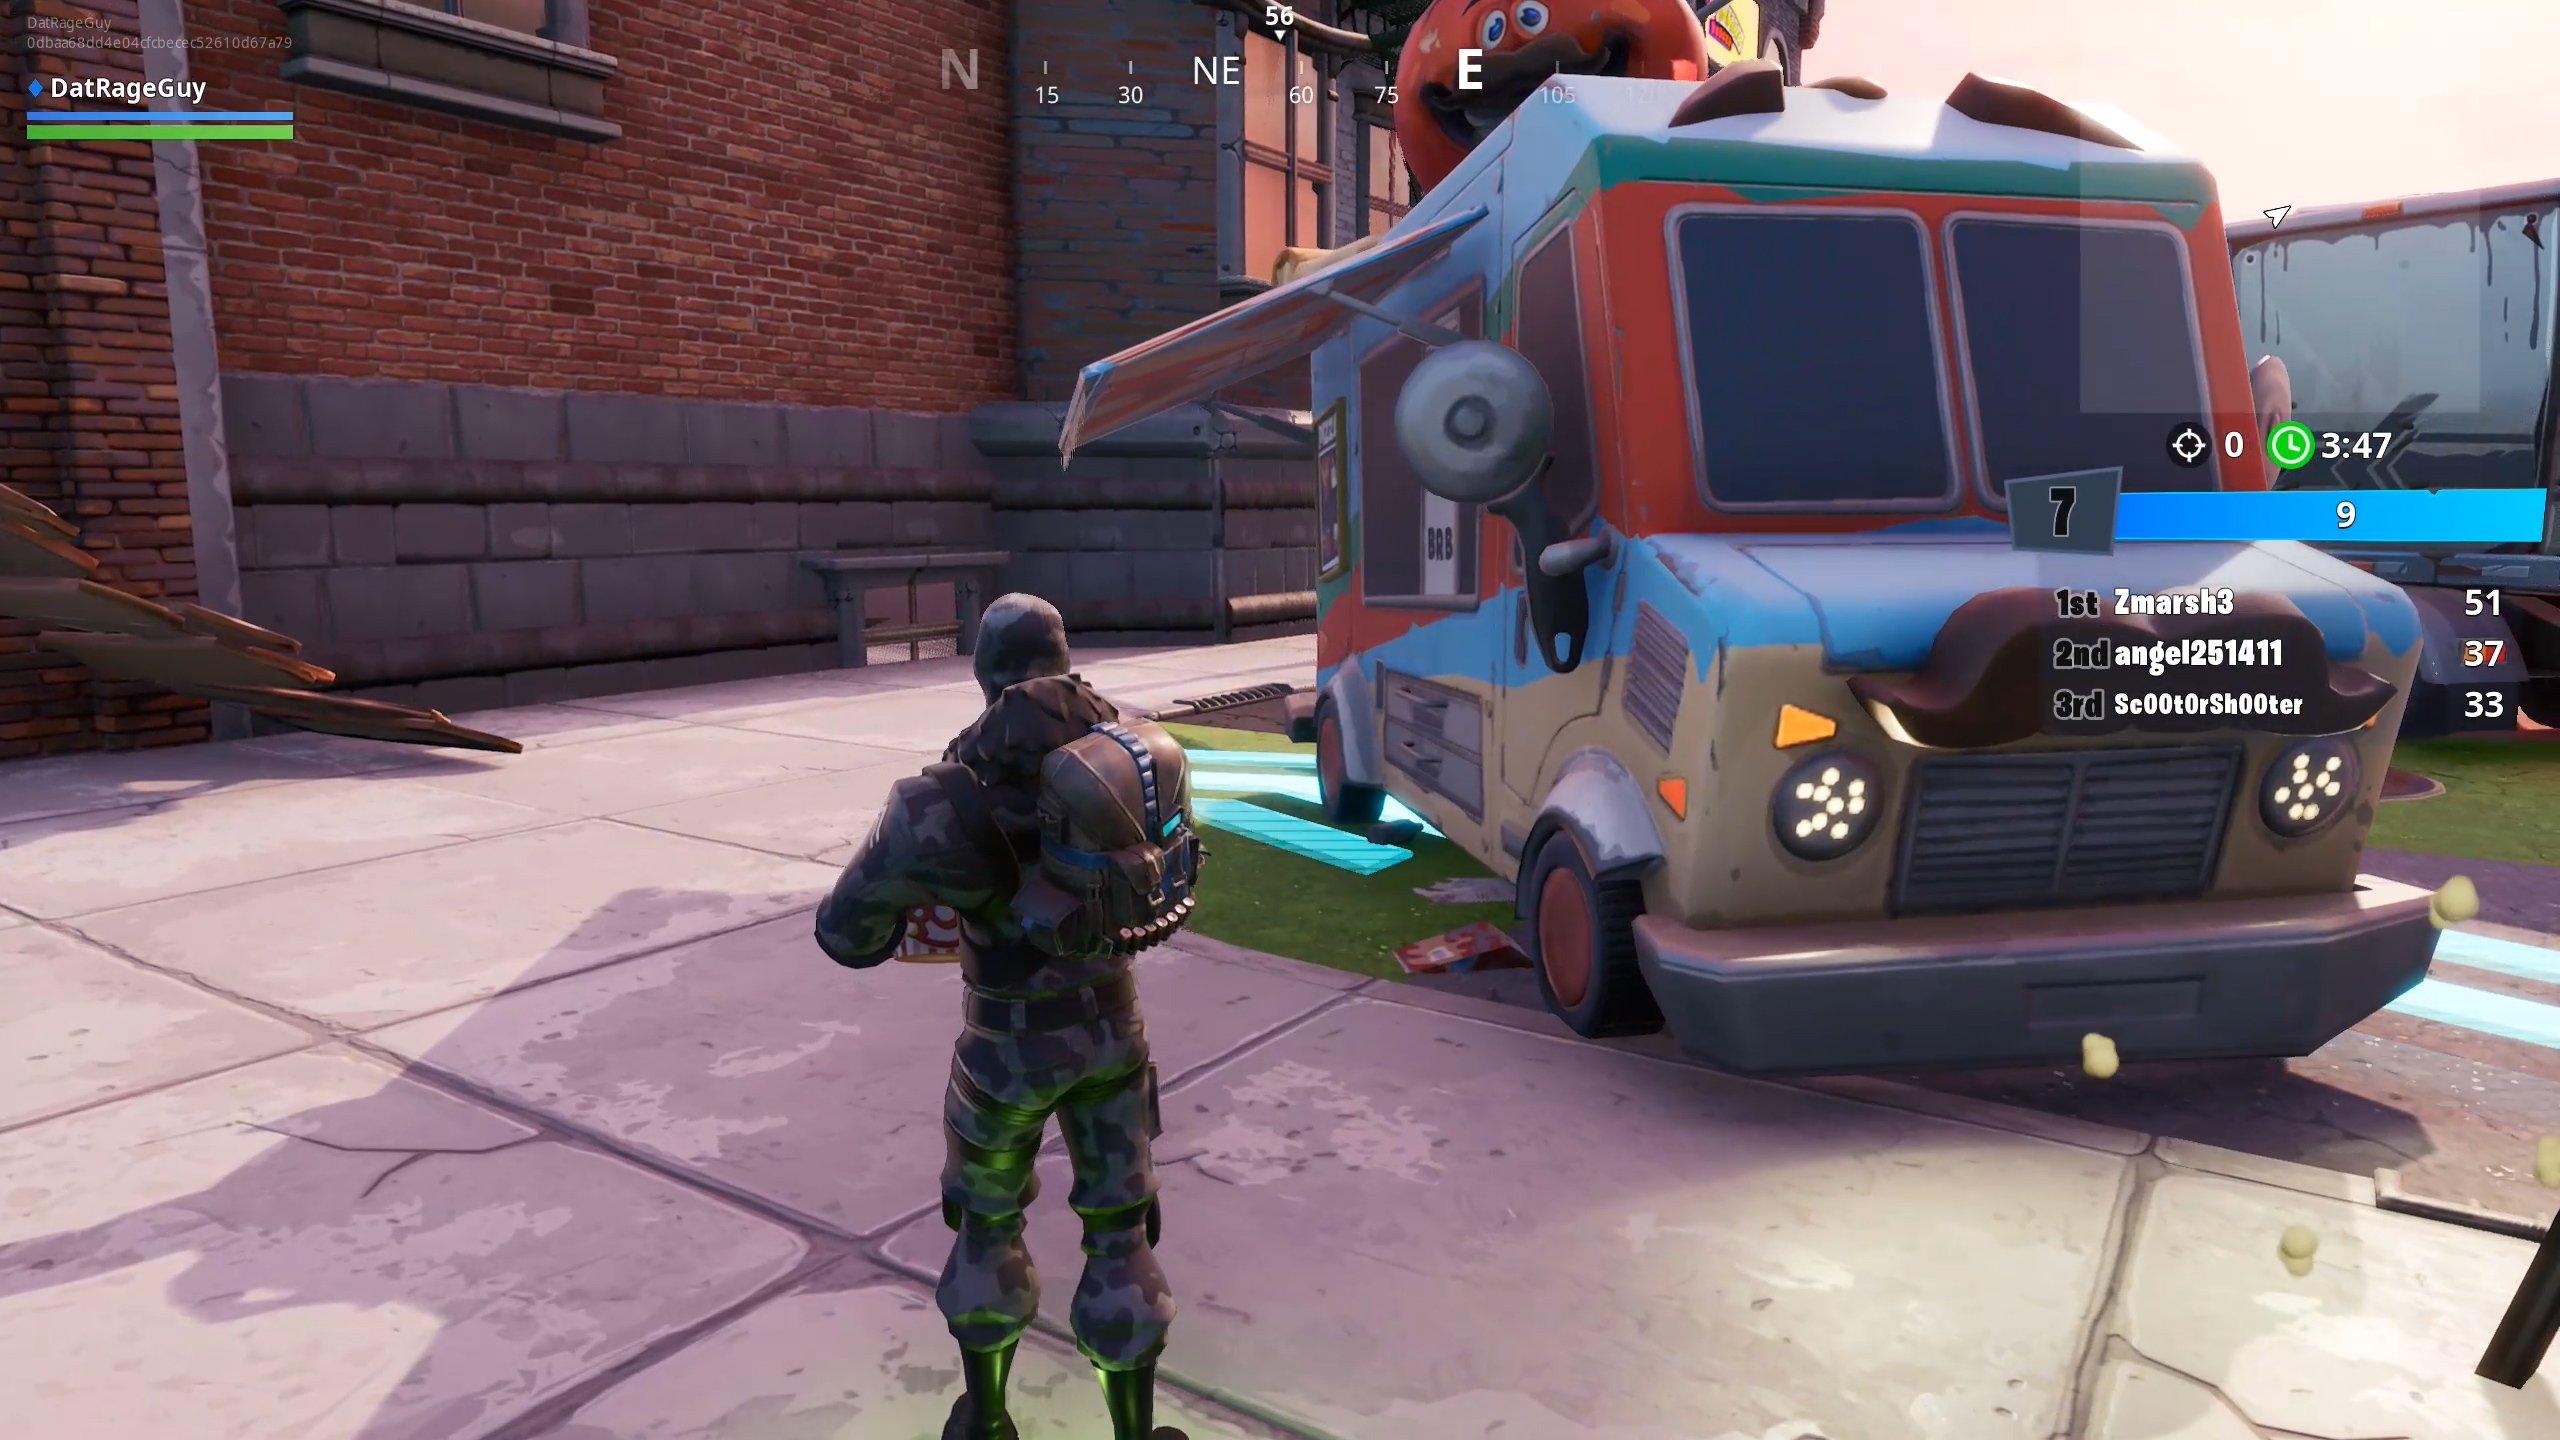 Dance or emote between two food trucks in Fortnite Downtown Drop